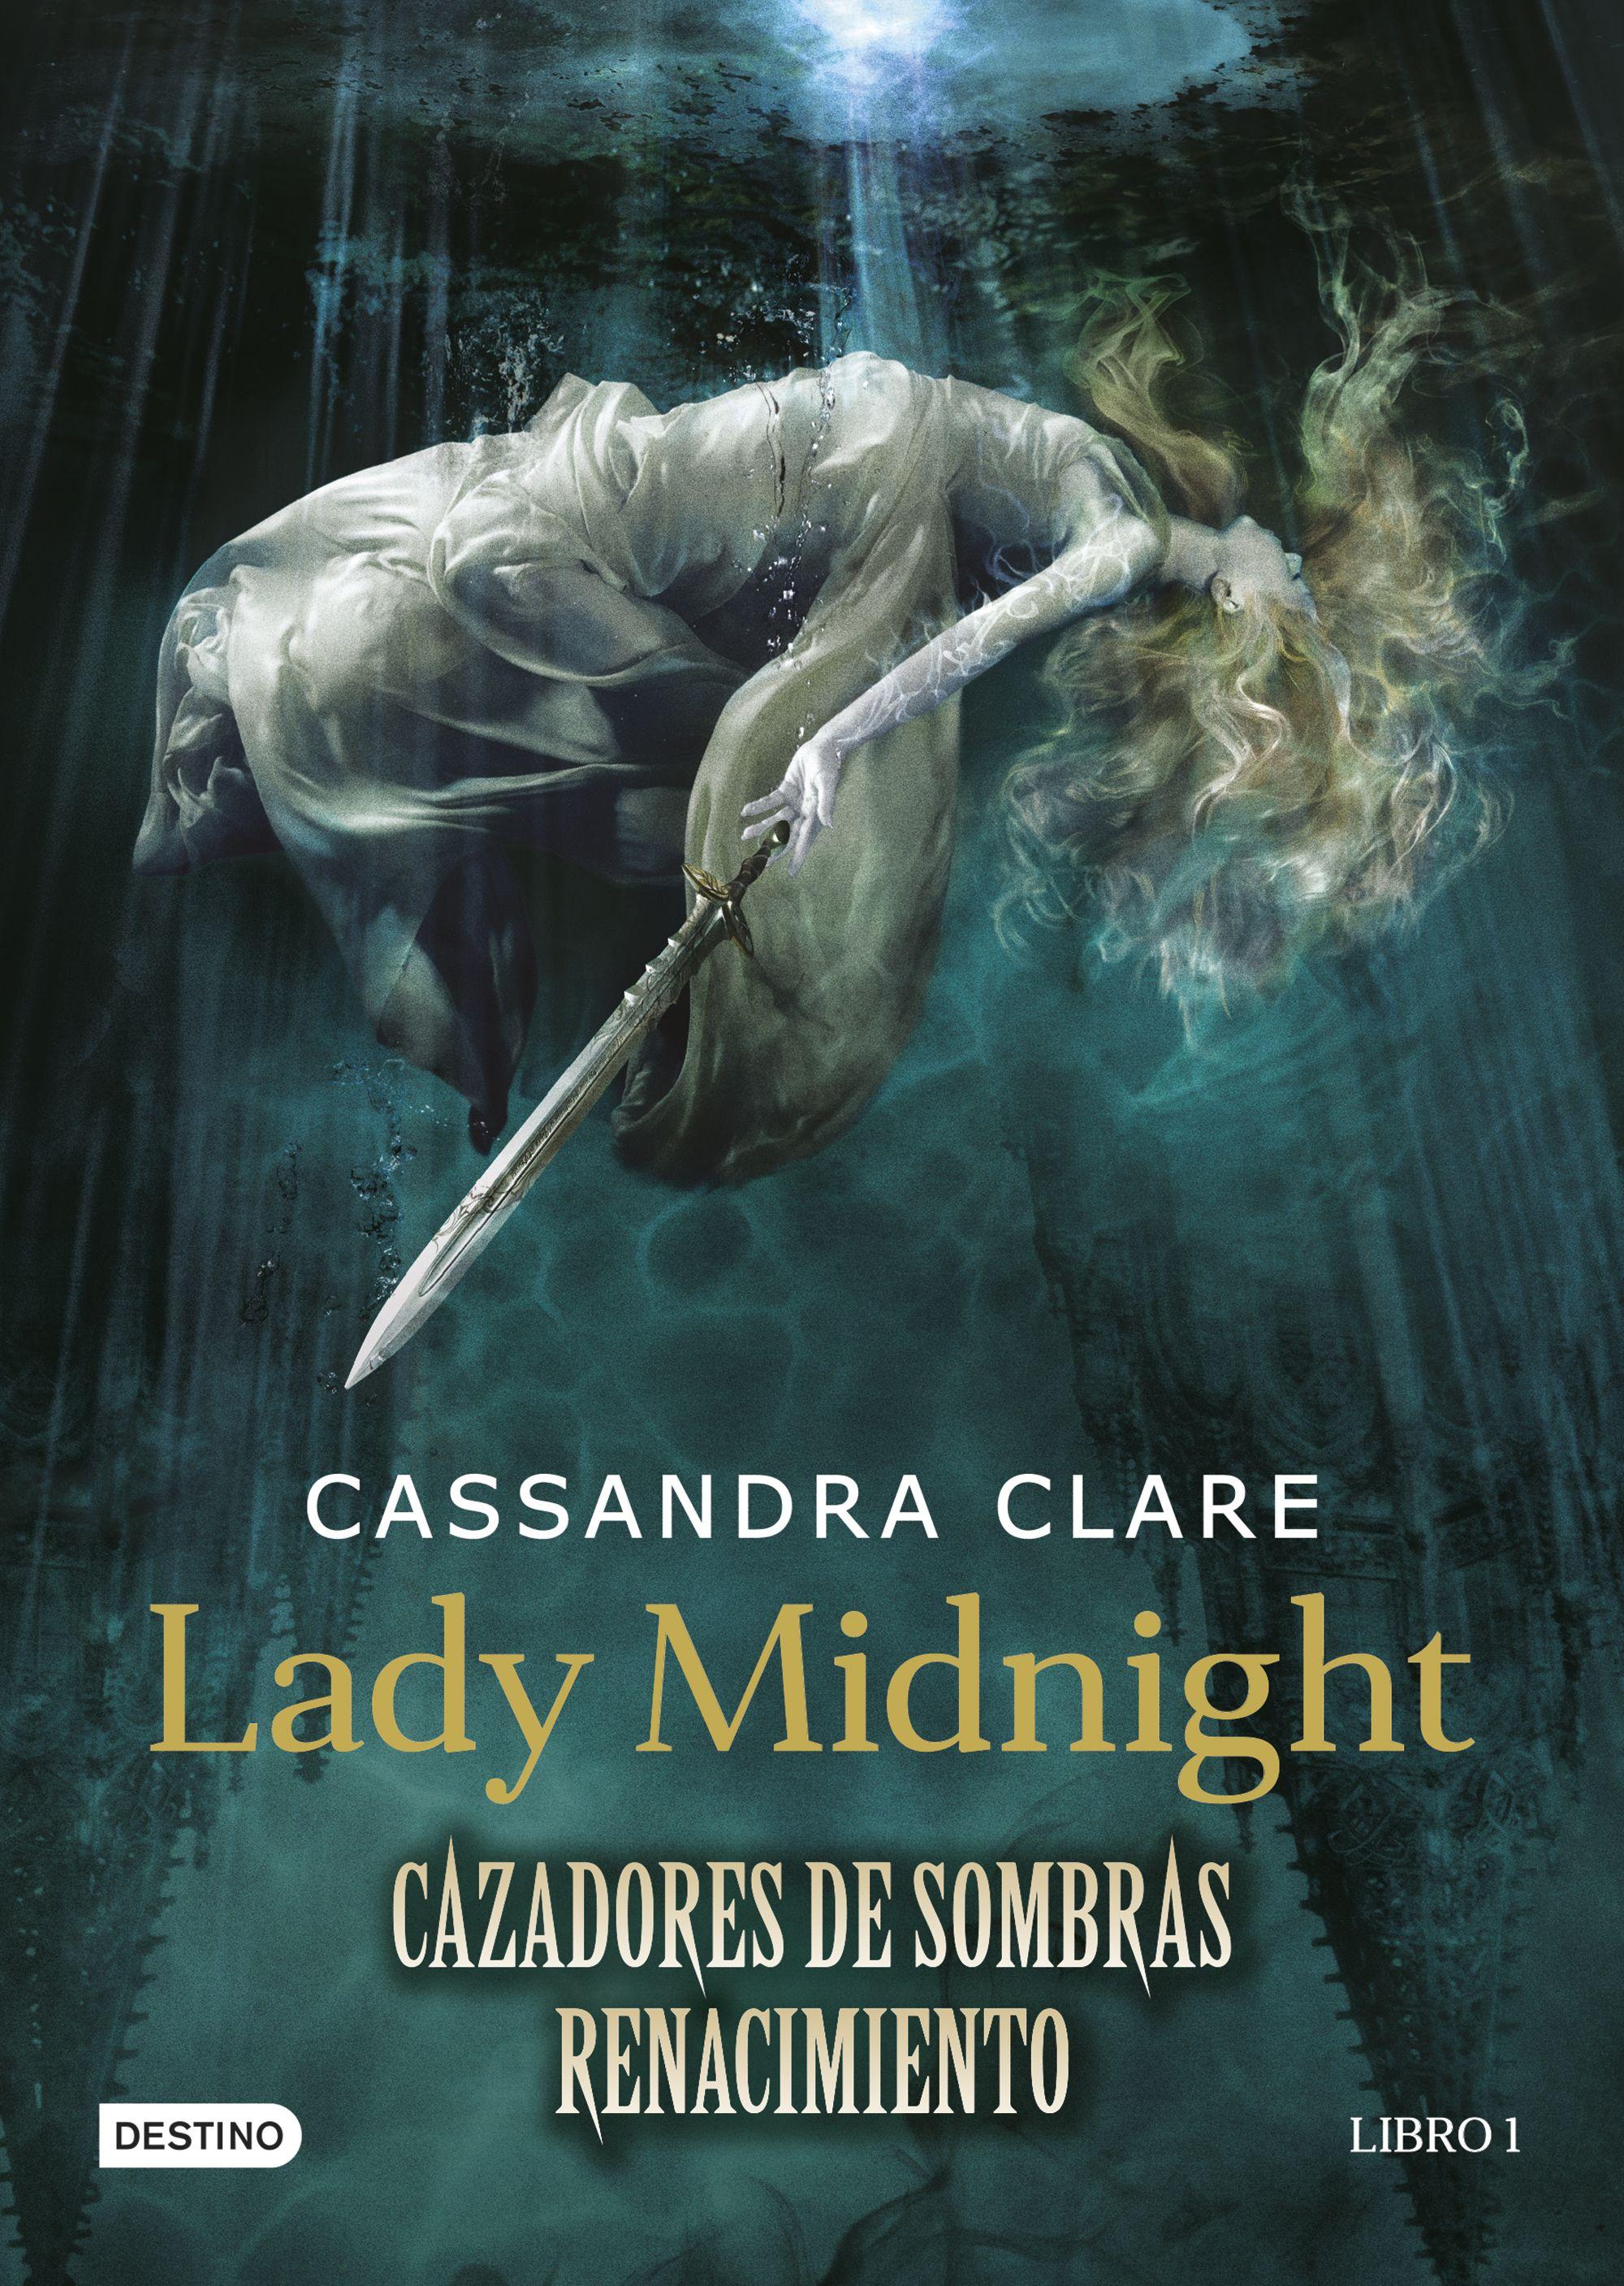 Cassandra Clare Libros (en papel) · El Corte Inglés